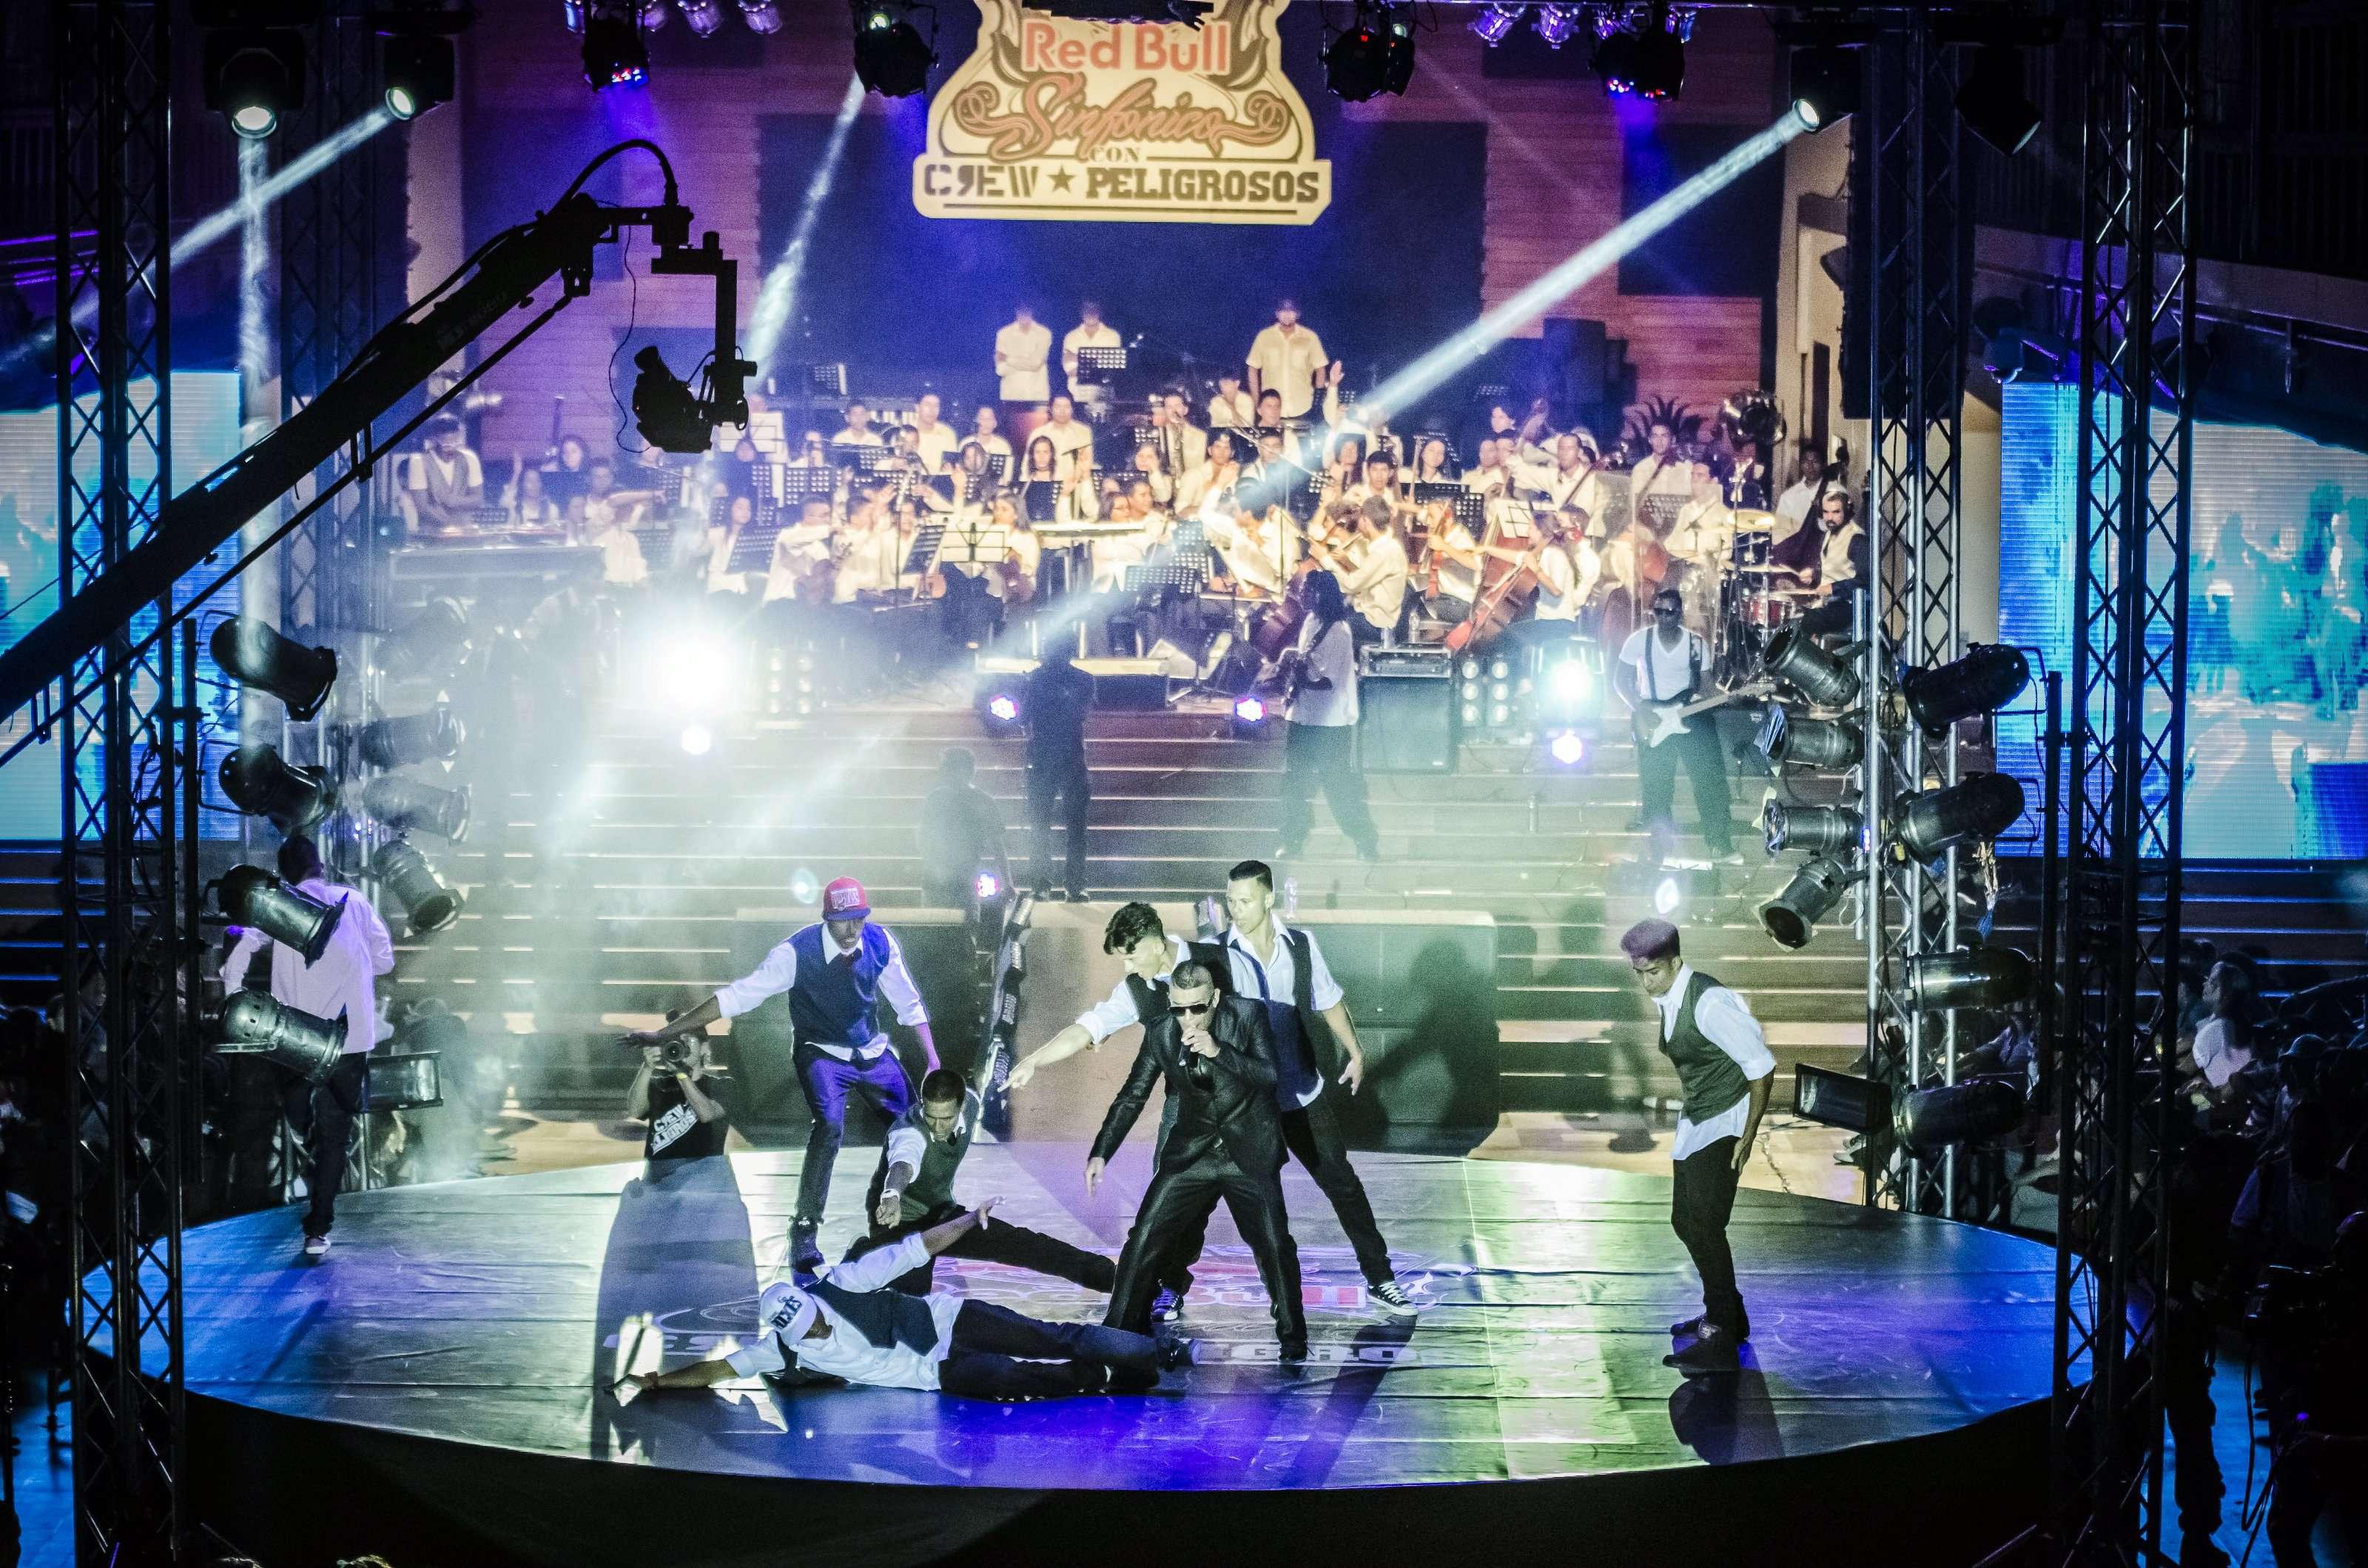 Crew Peligrosos en concierto. Foto: Cortesía Red Bull.